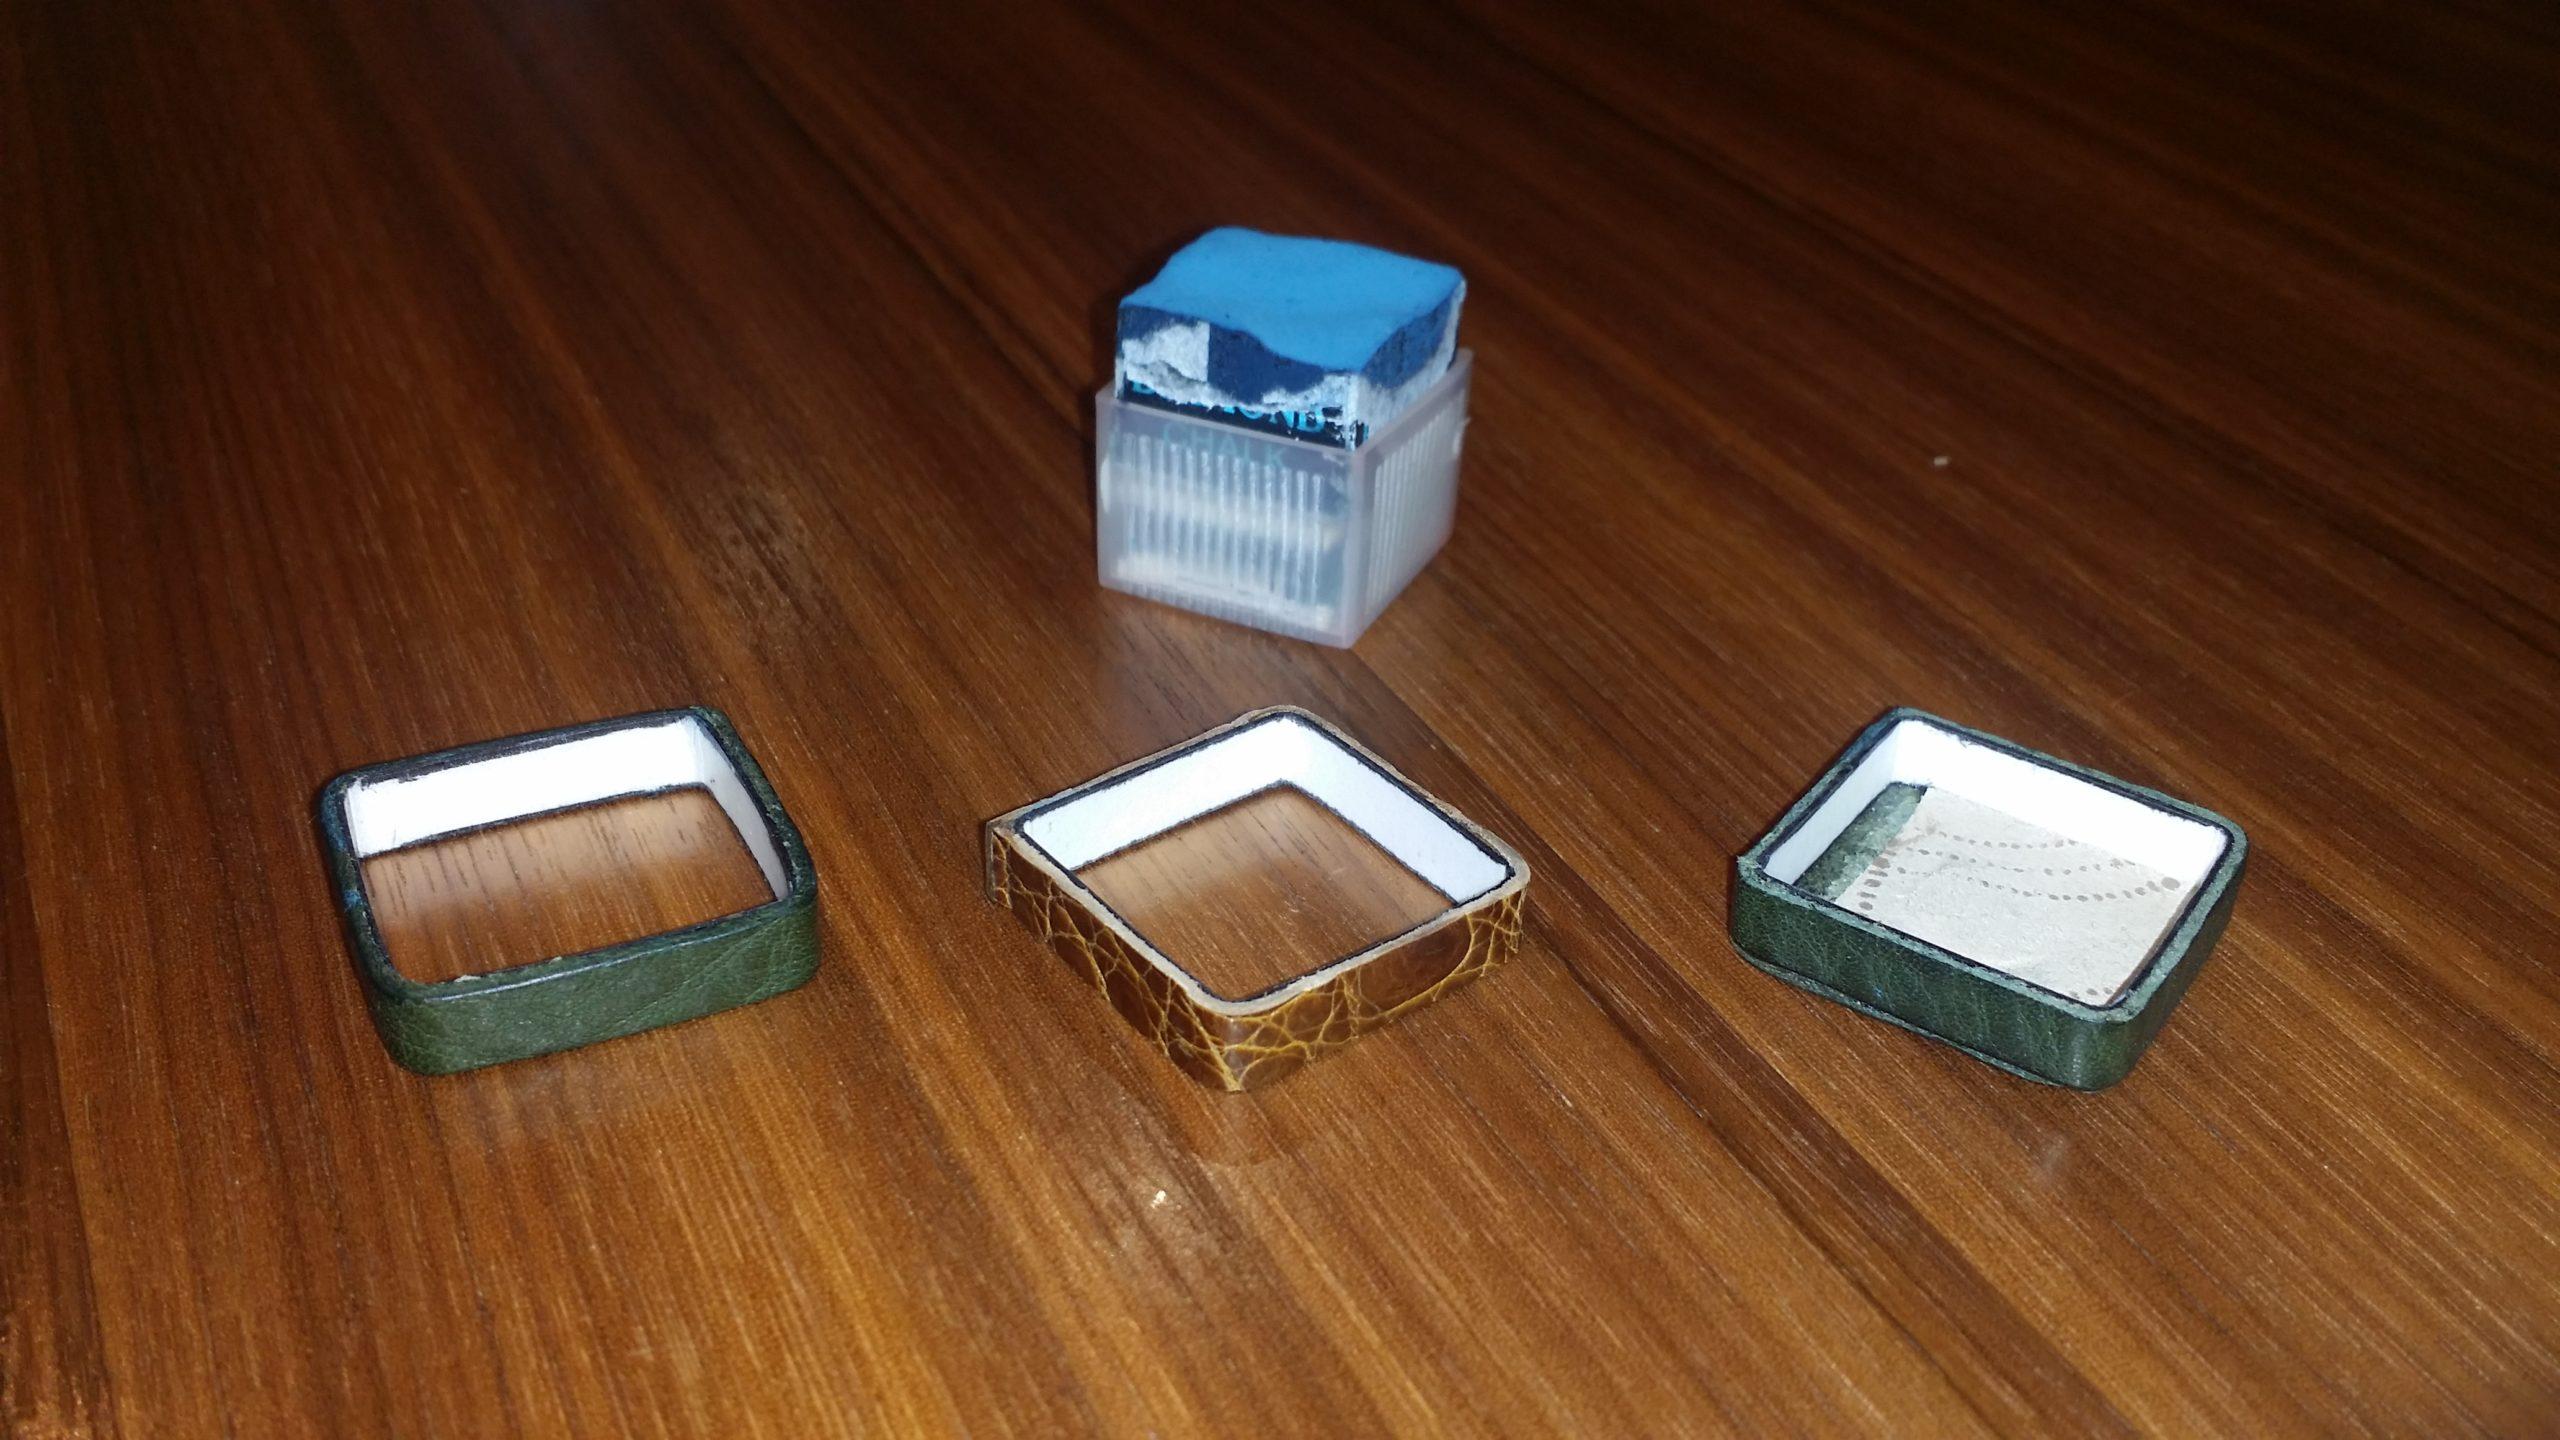 ビリヤードチョークケース 自作例 着せ替え機能構造